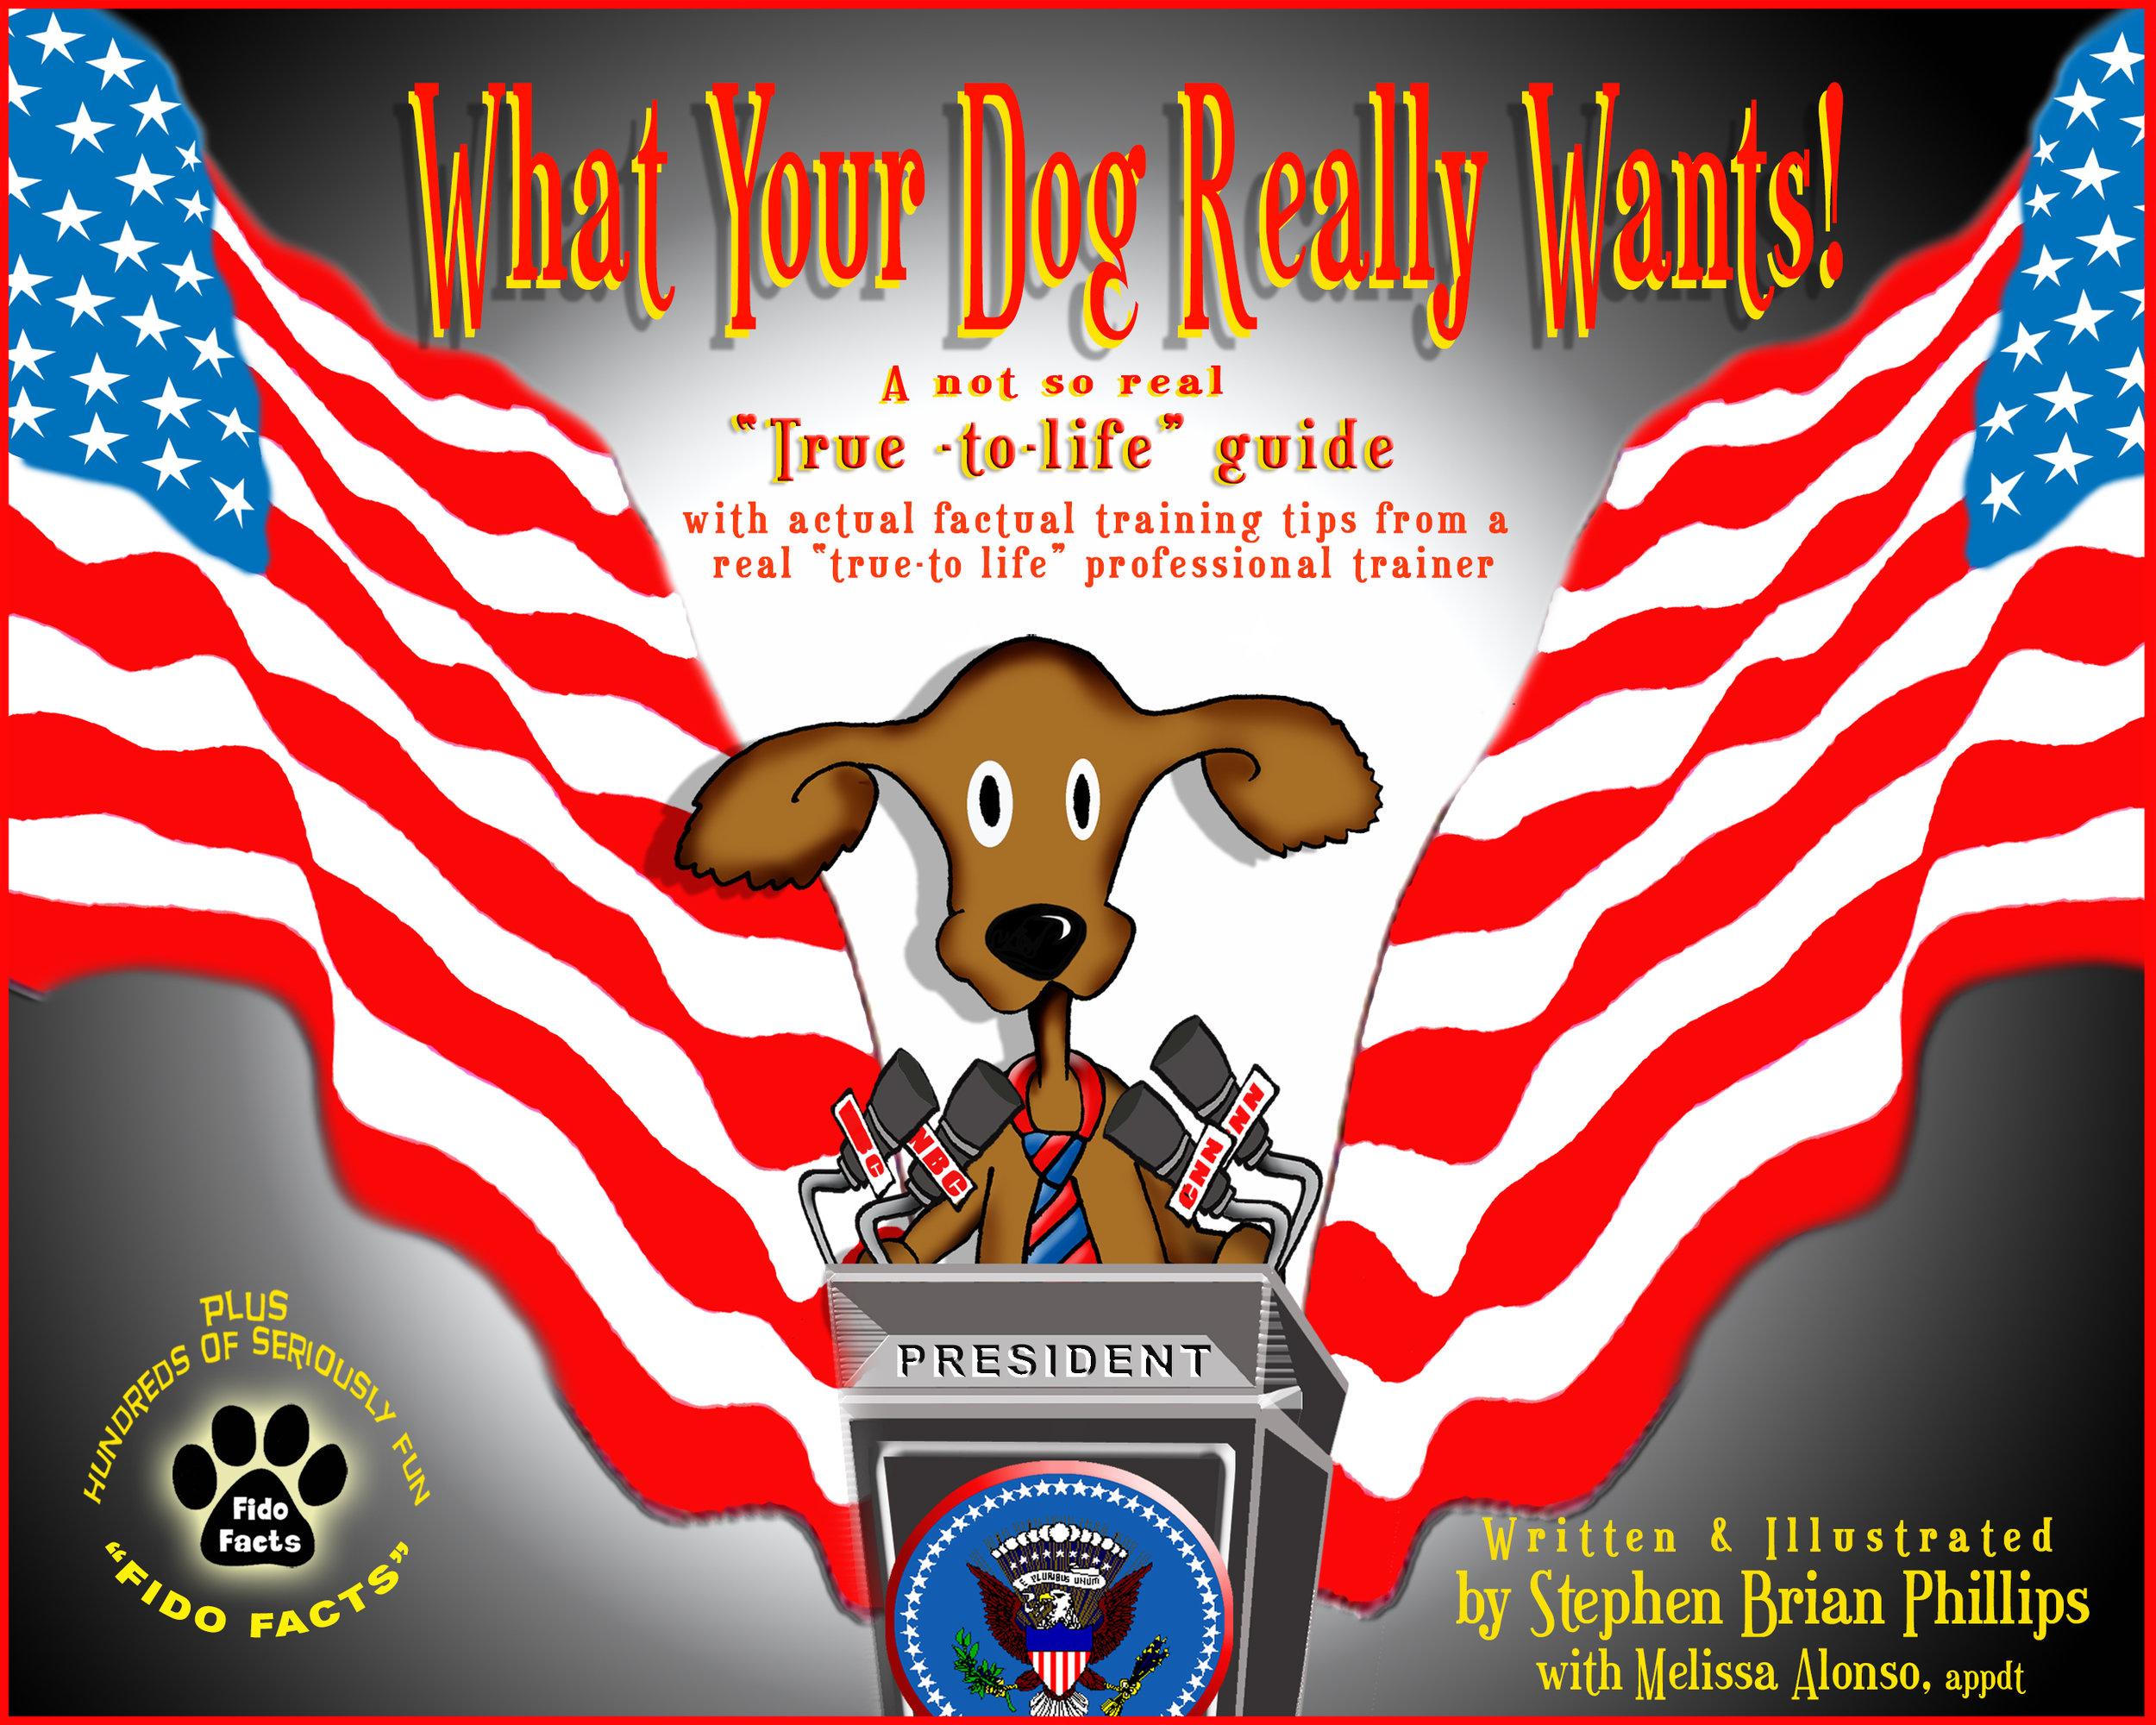 DogsMockCover#1 copy.jpg